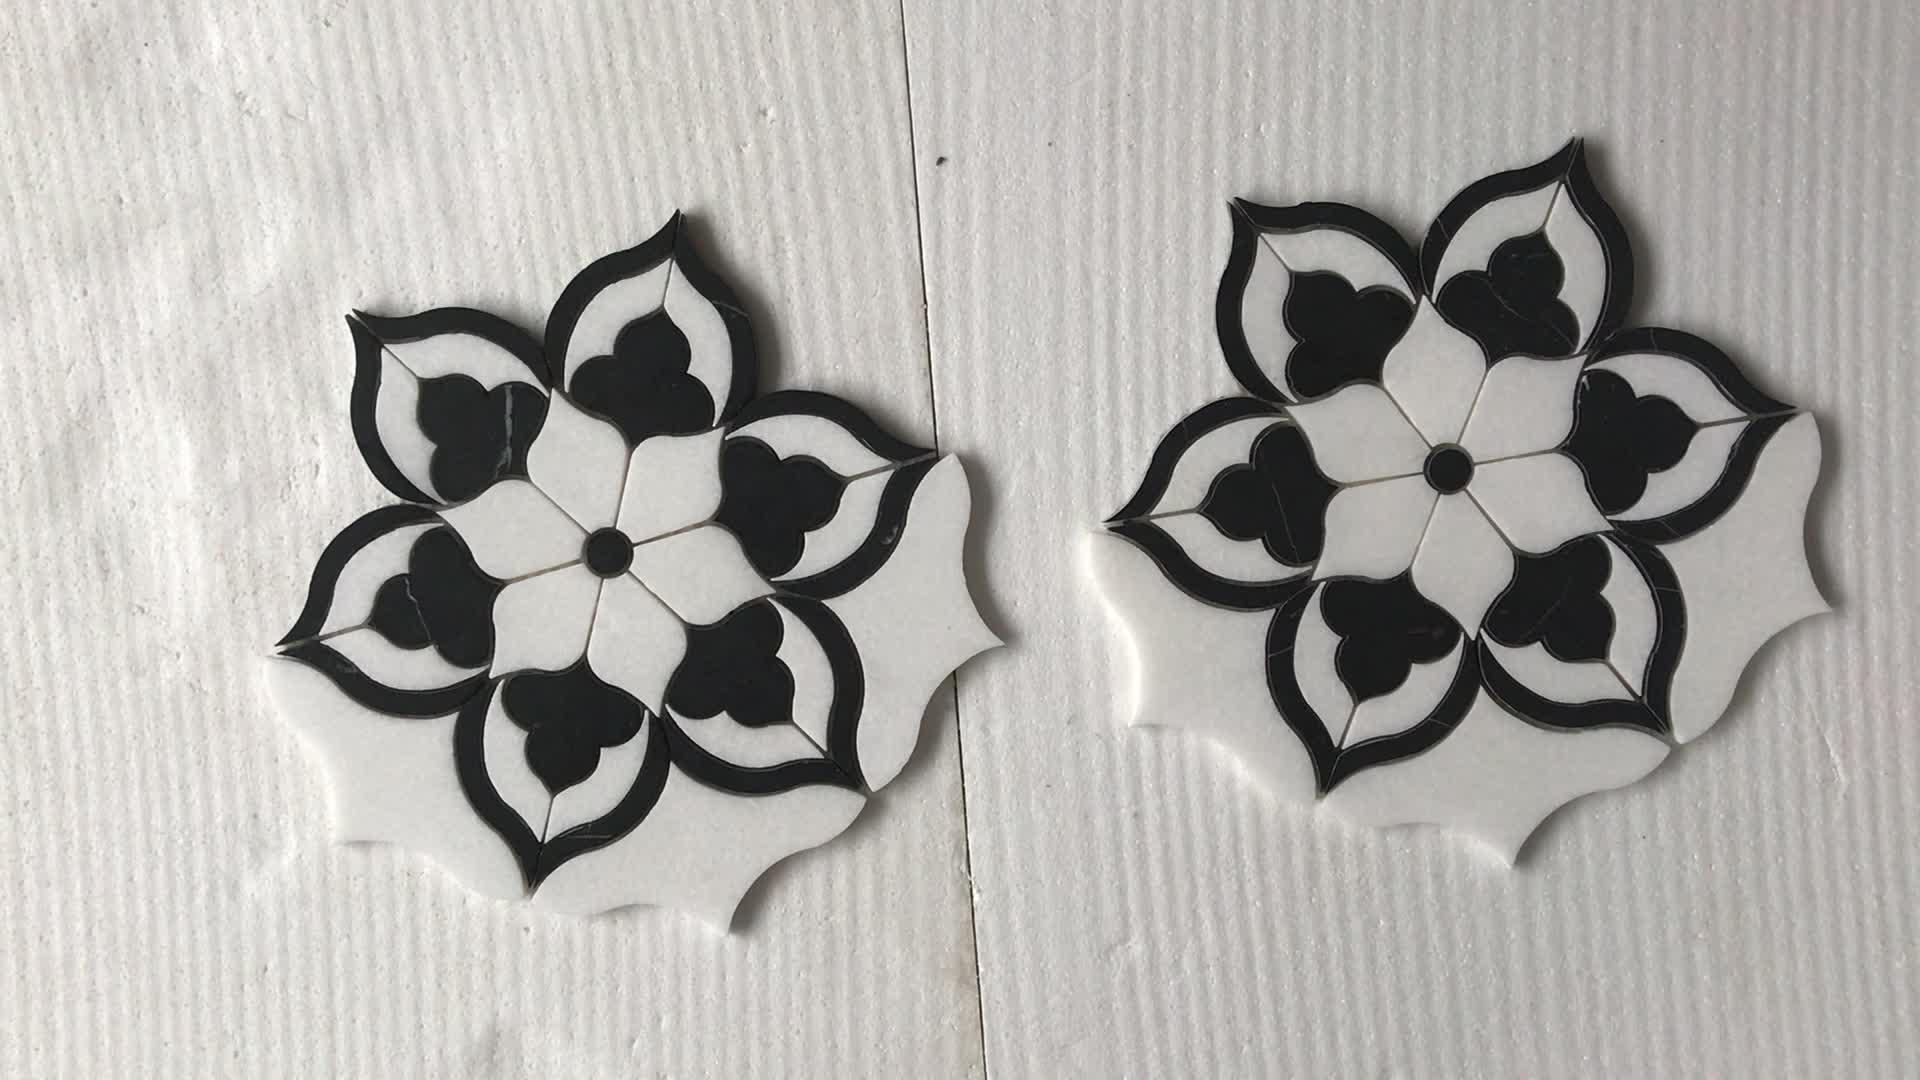 Blanco azulejo de piso de mármol de chorro de agua de mosaico para cuarto de baño